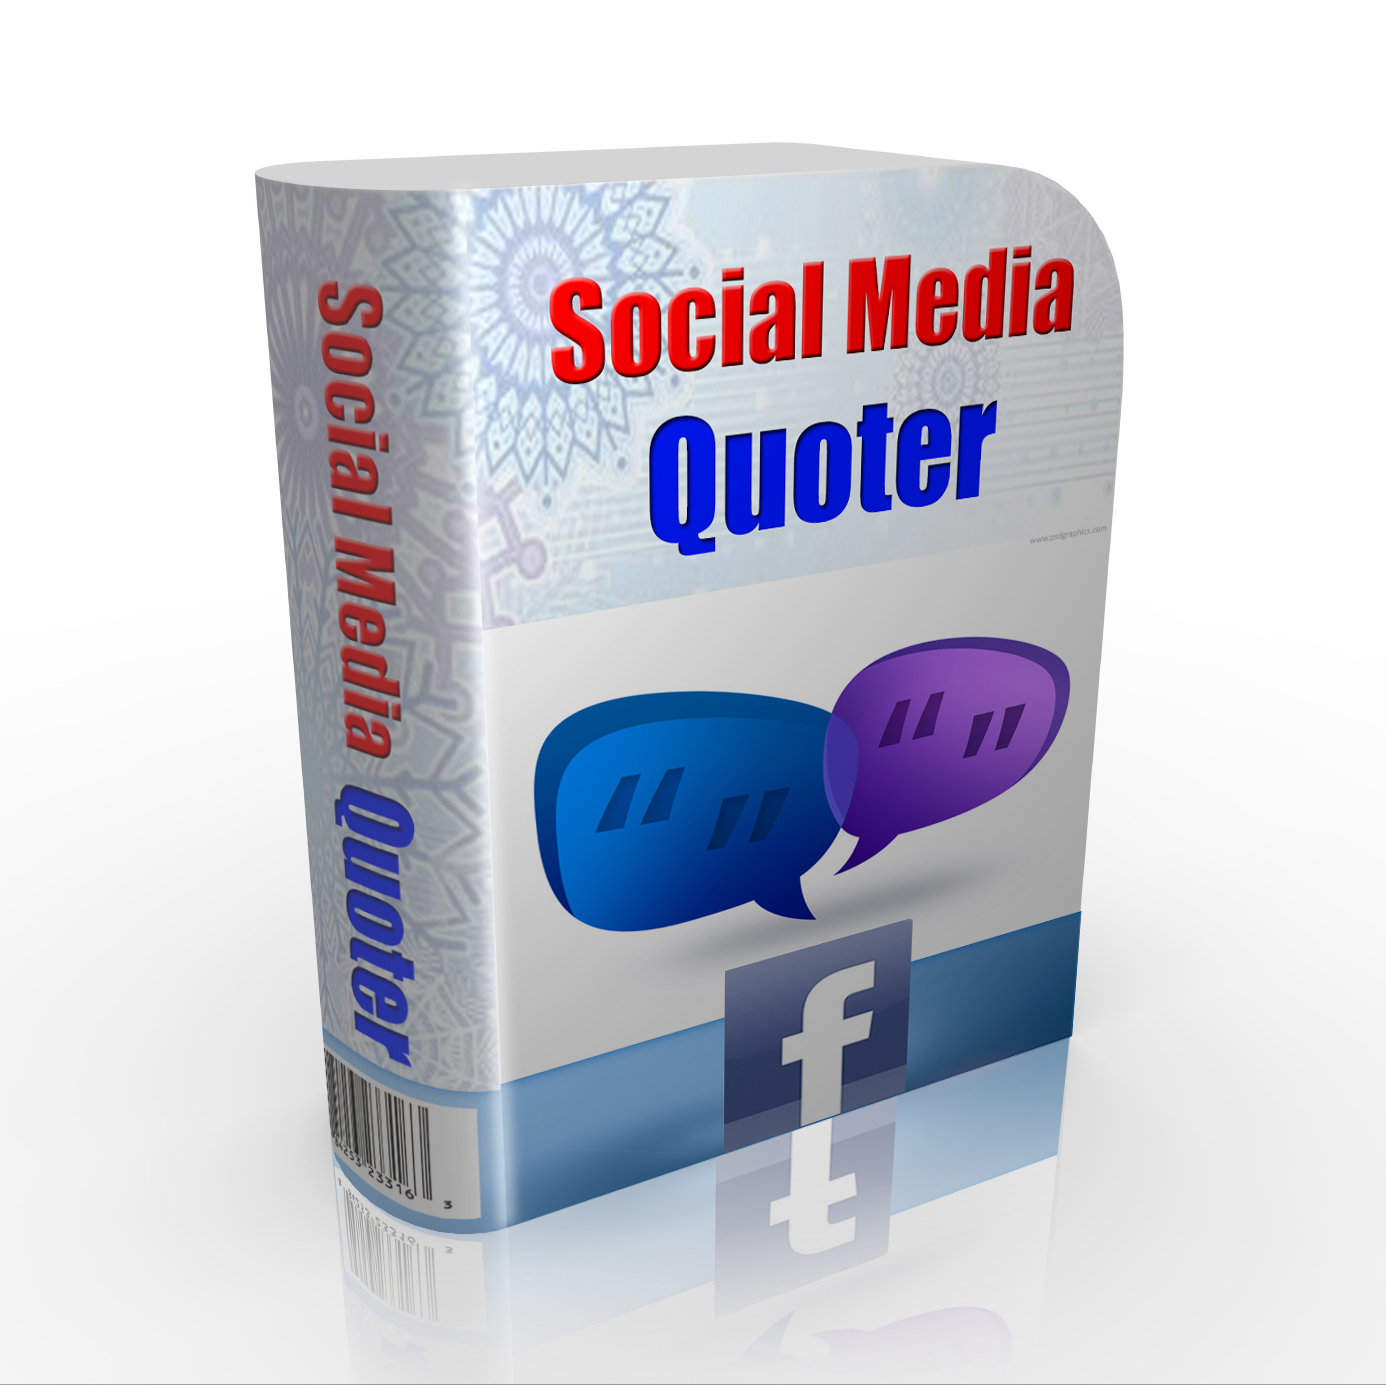 Social Media Quoter